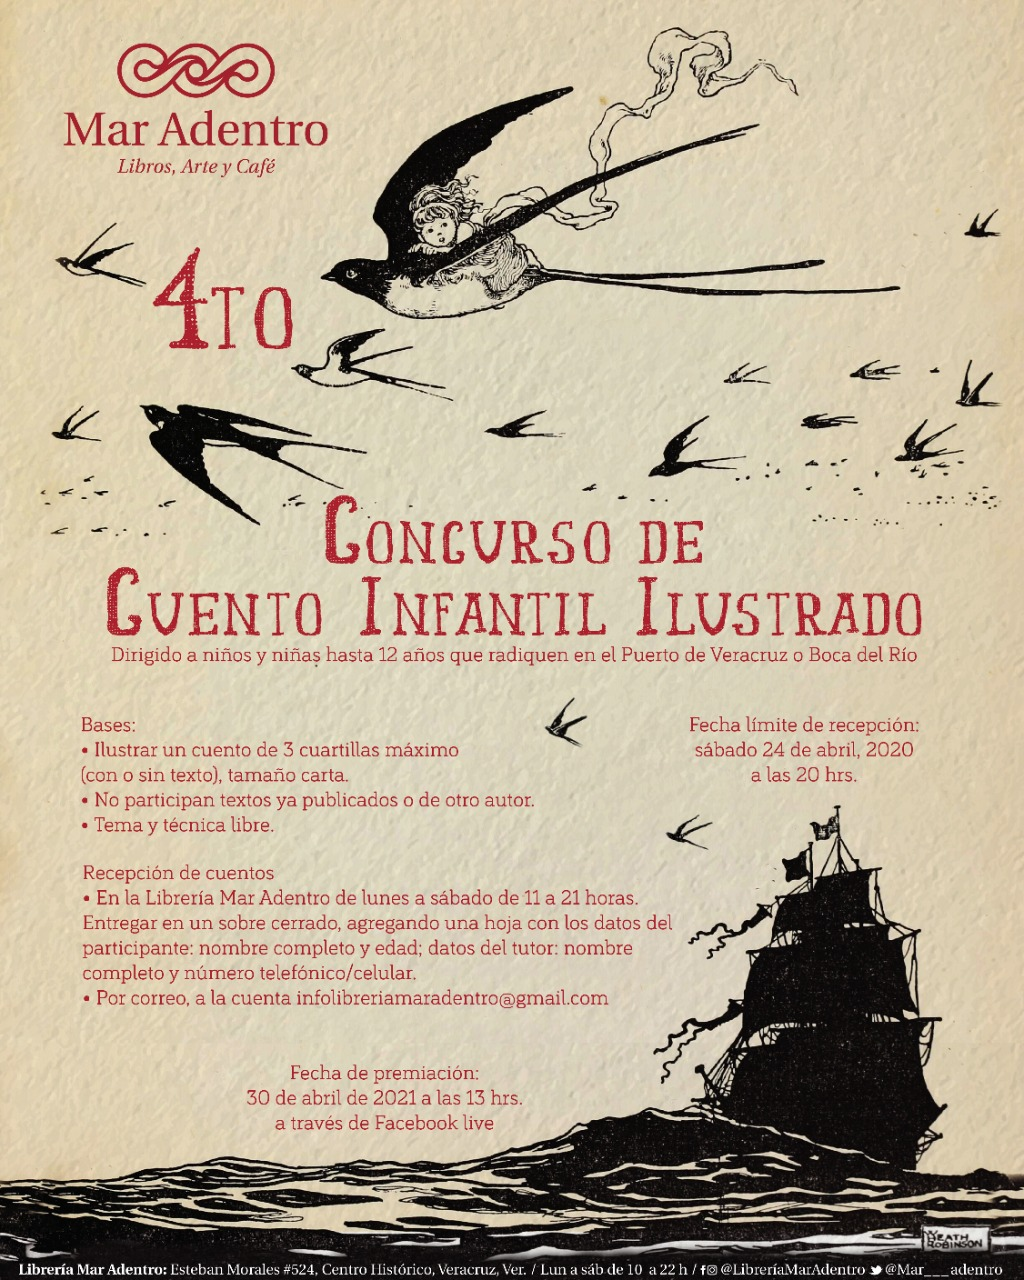 Librería del puerto de Veracruz convoca a concurso de Cuento Infantil Ilustrado